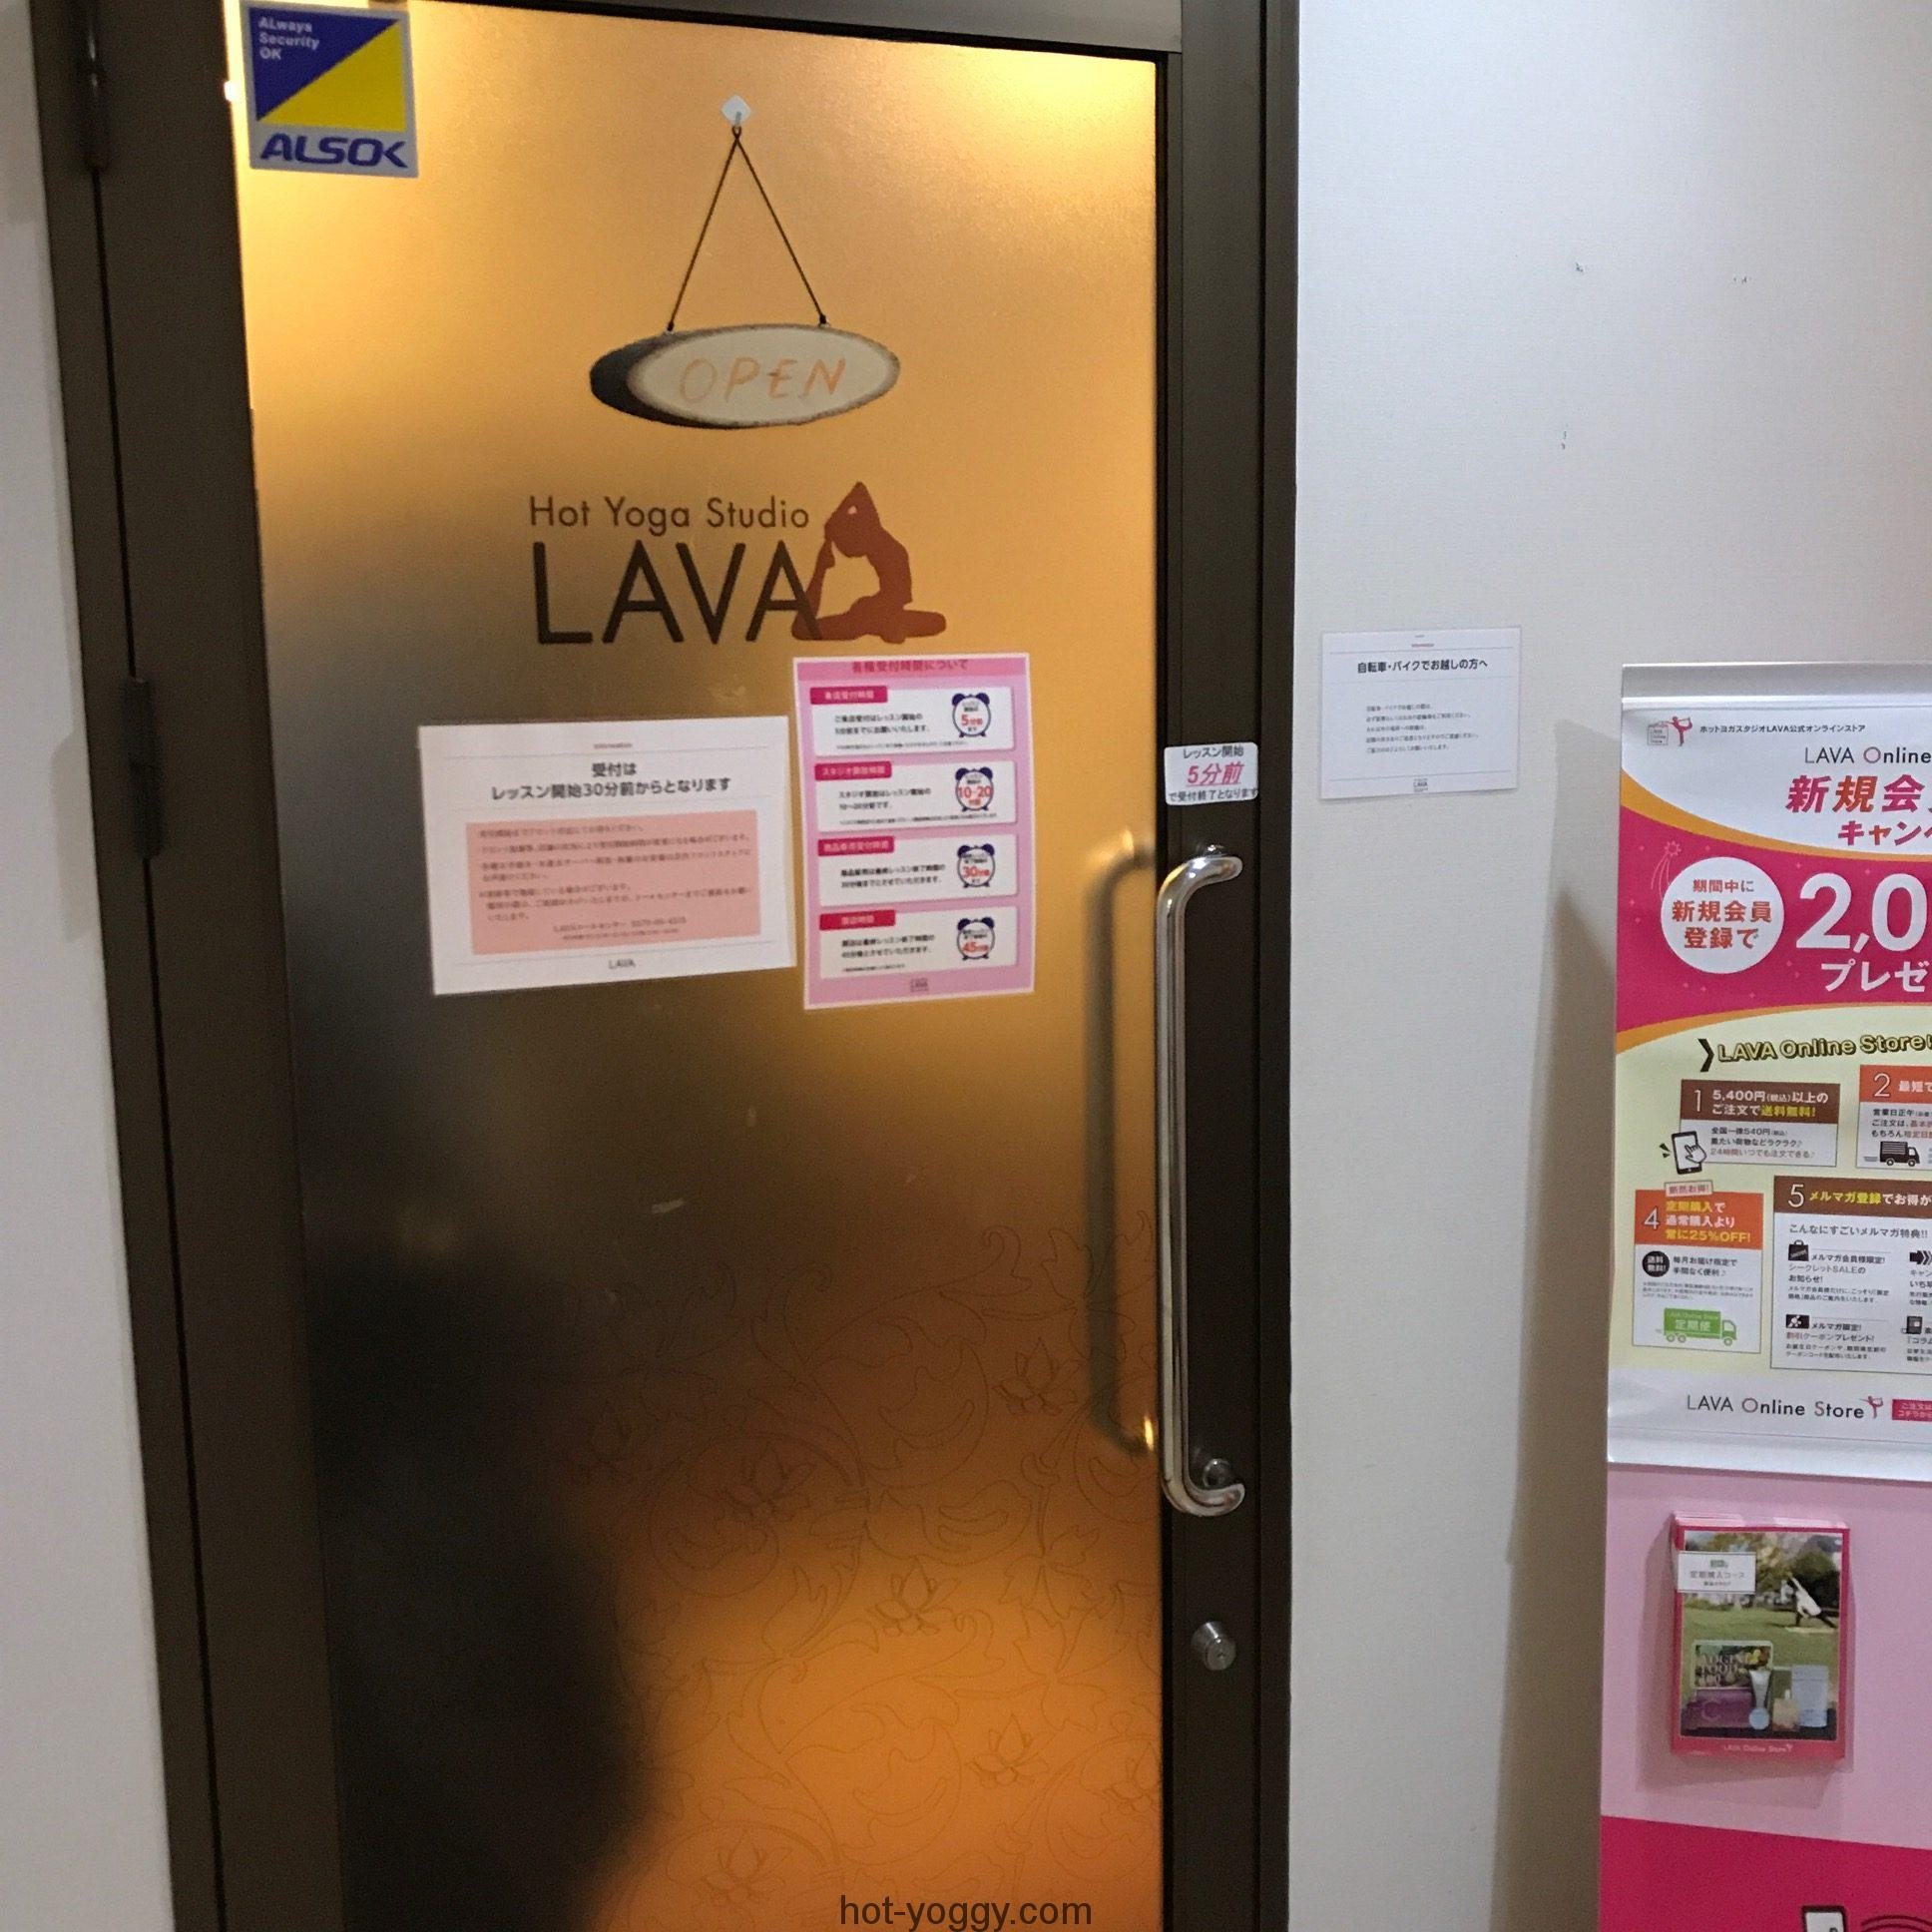 ホットヨガスタジオLAVA(ラバ) 池袋東口店